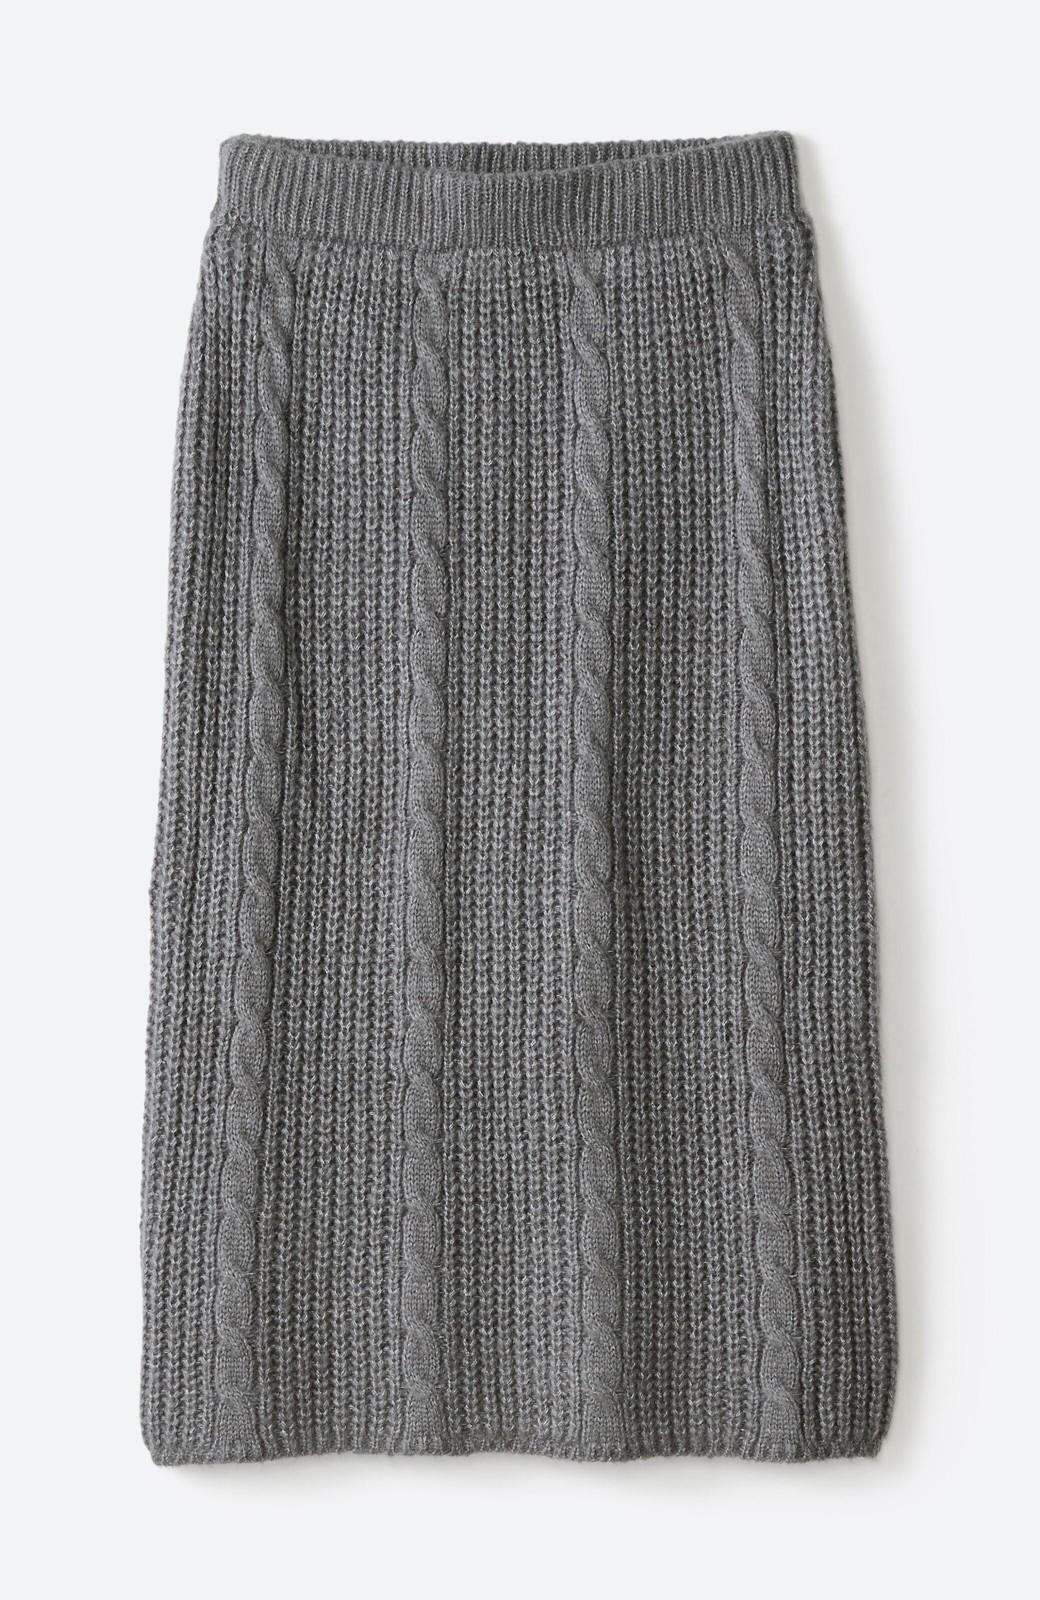 haco! しまった!寝坊した!ってときにも安心なケーブル編みがかわいいニットアップ <グレー>の商品写真35